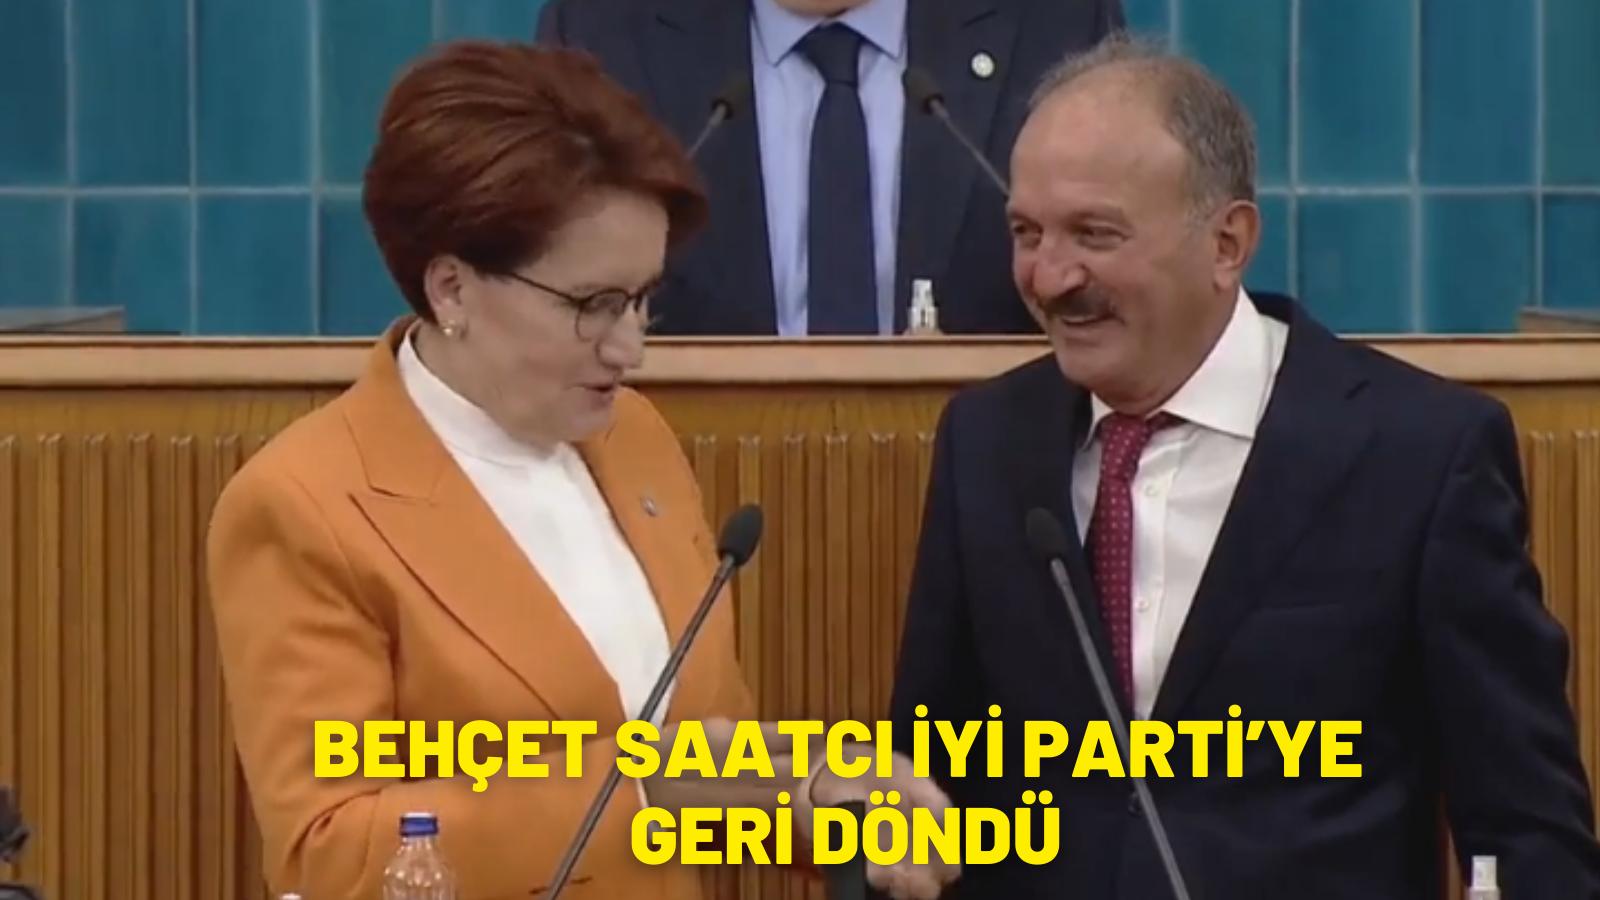 BEHÇET SAATCI İYİ PARTİ'YE GERİ DÖNDÜ